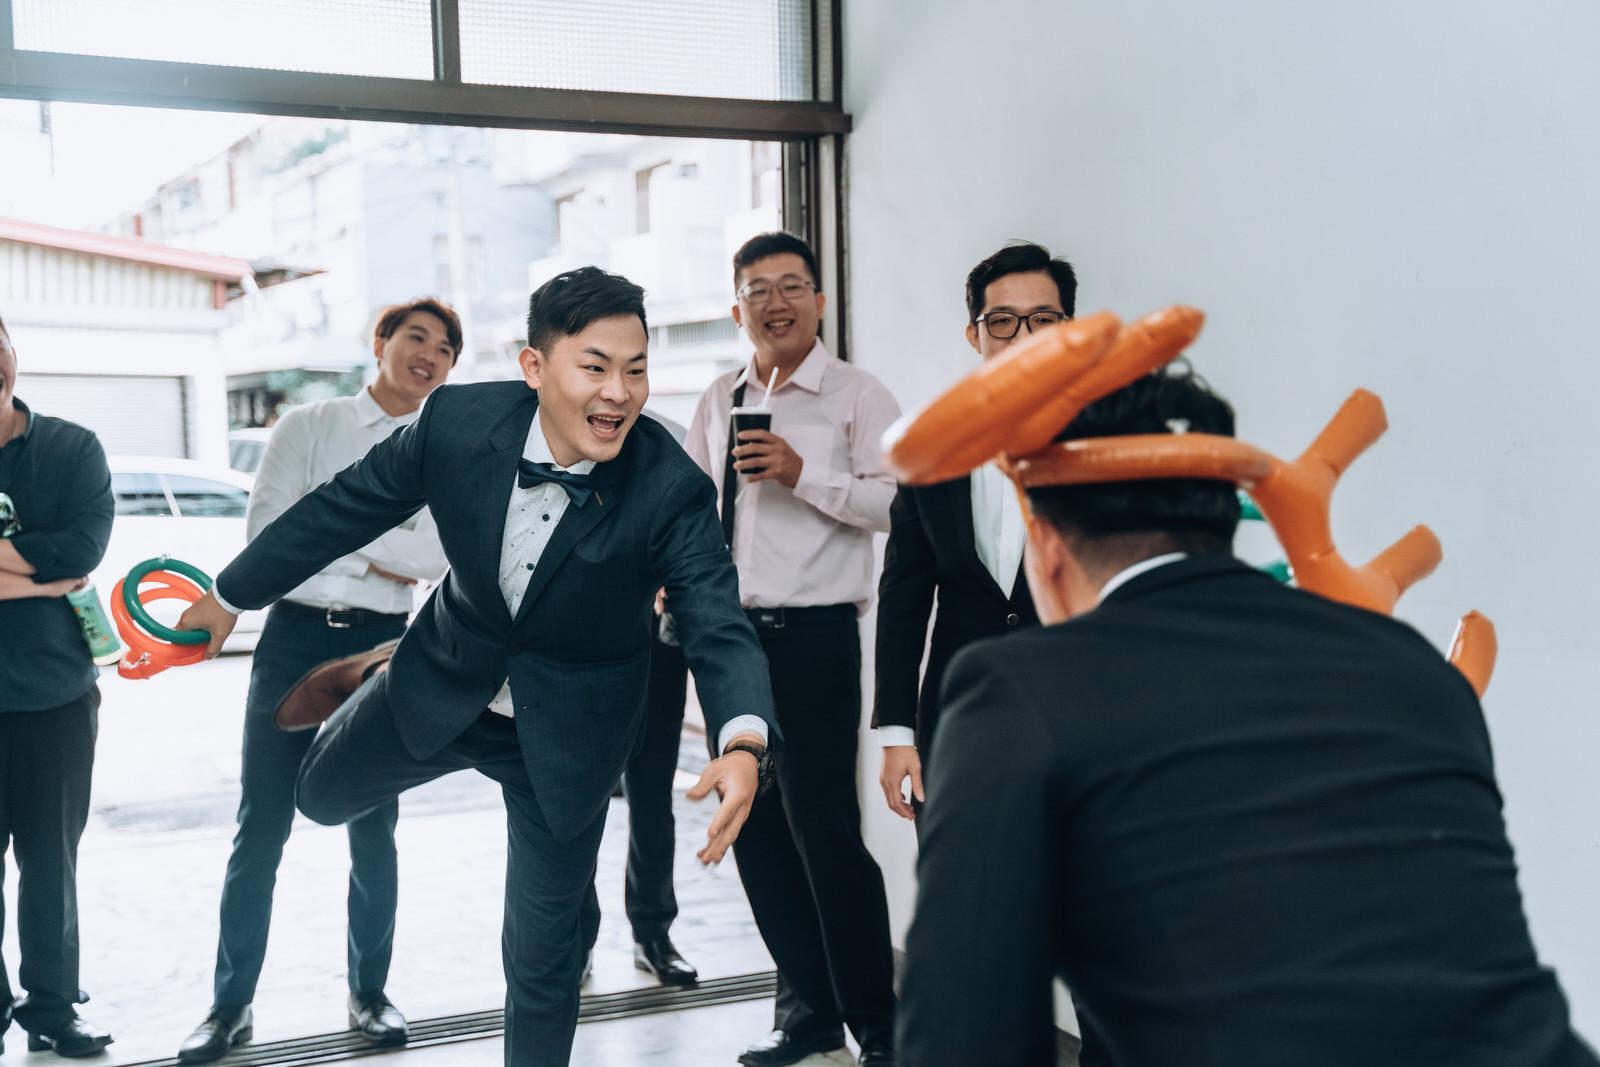 MR7婚禮紀錄-00026.jpg